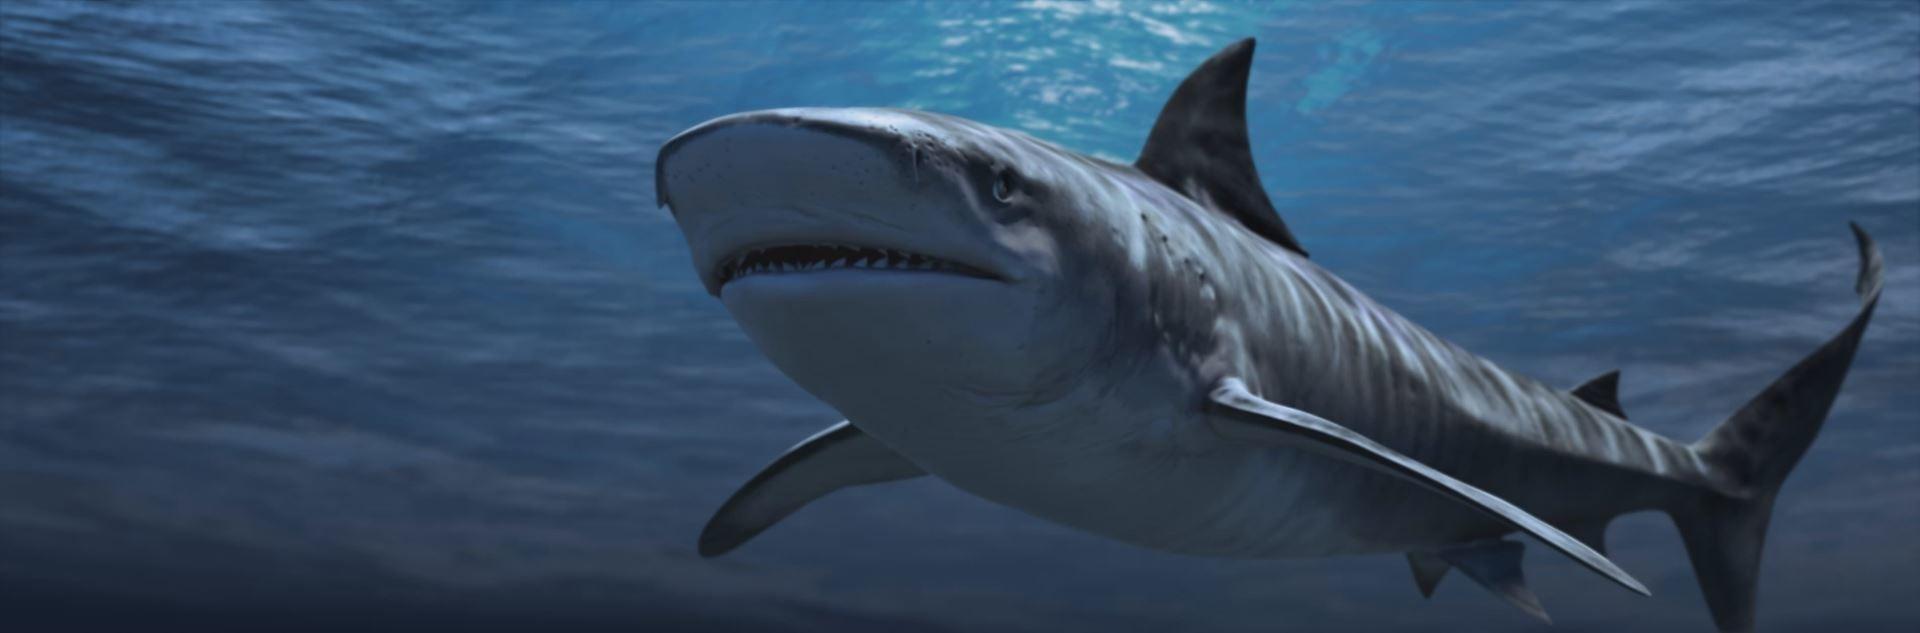 Martin krol shark 01